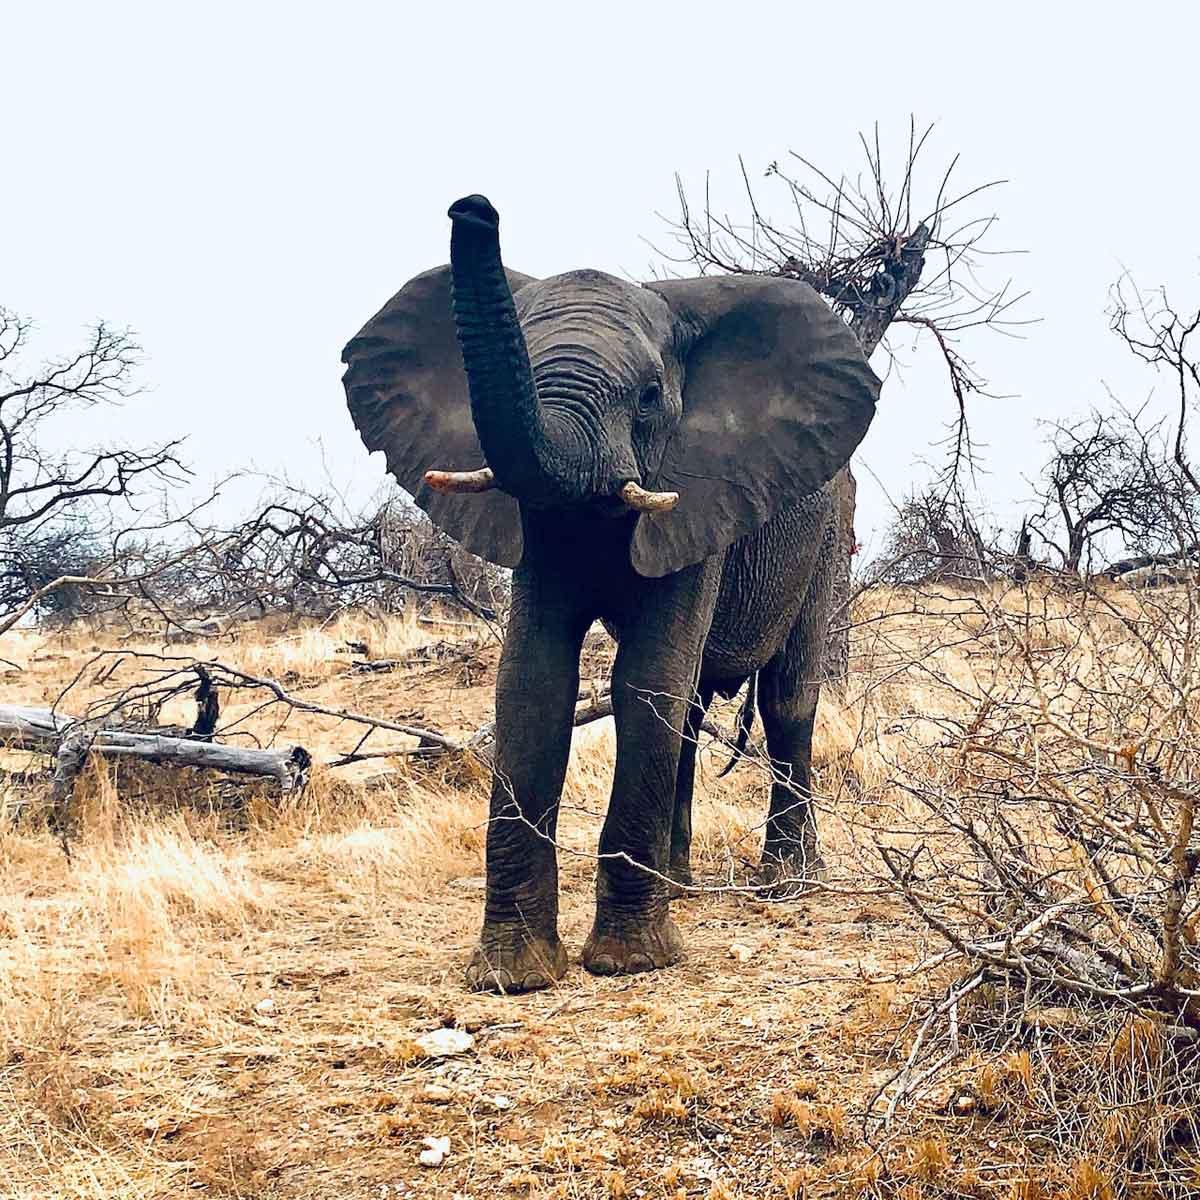 Spotting Elephants in Kruger